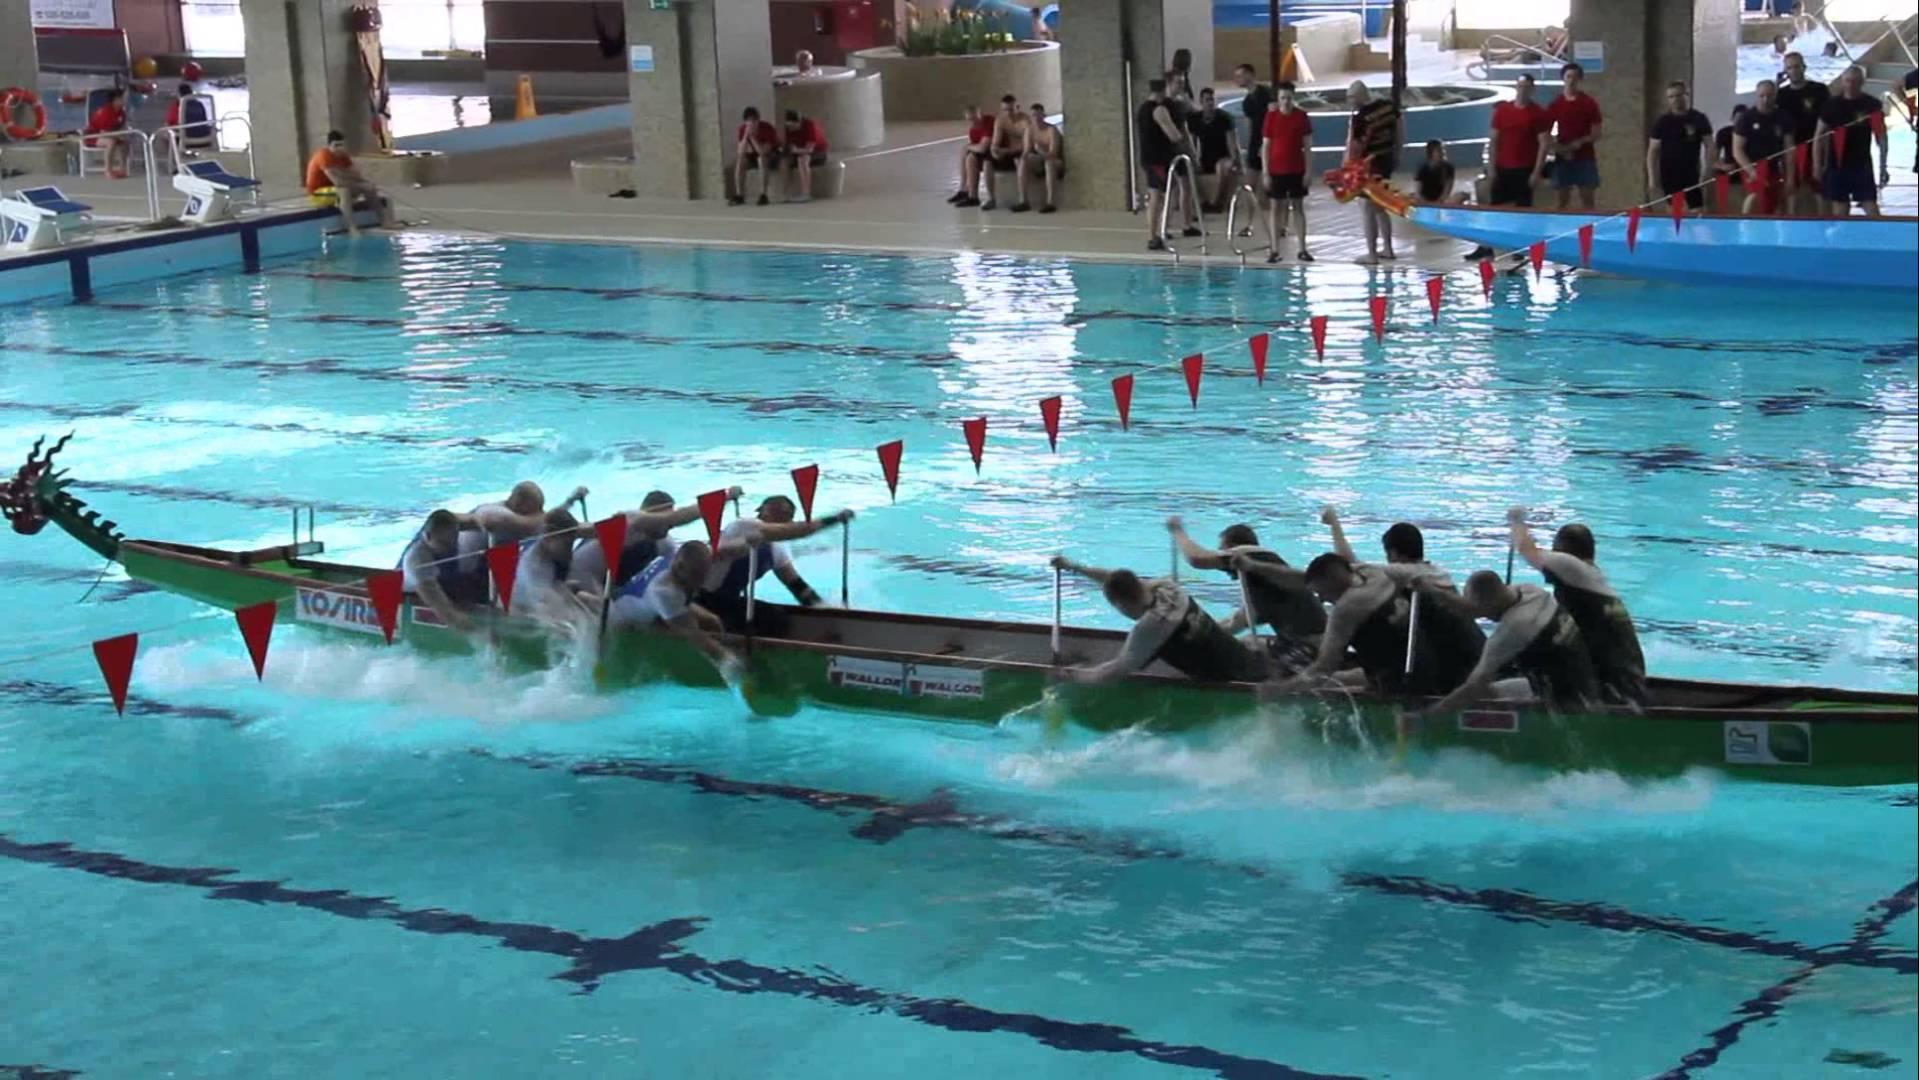 Polacy wymyślili nowy sport – Smocze Łodzie na basenie:)